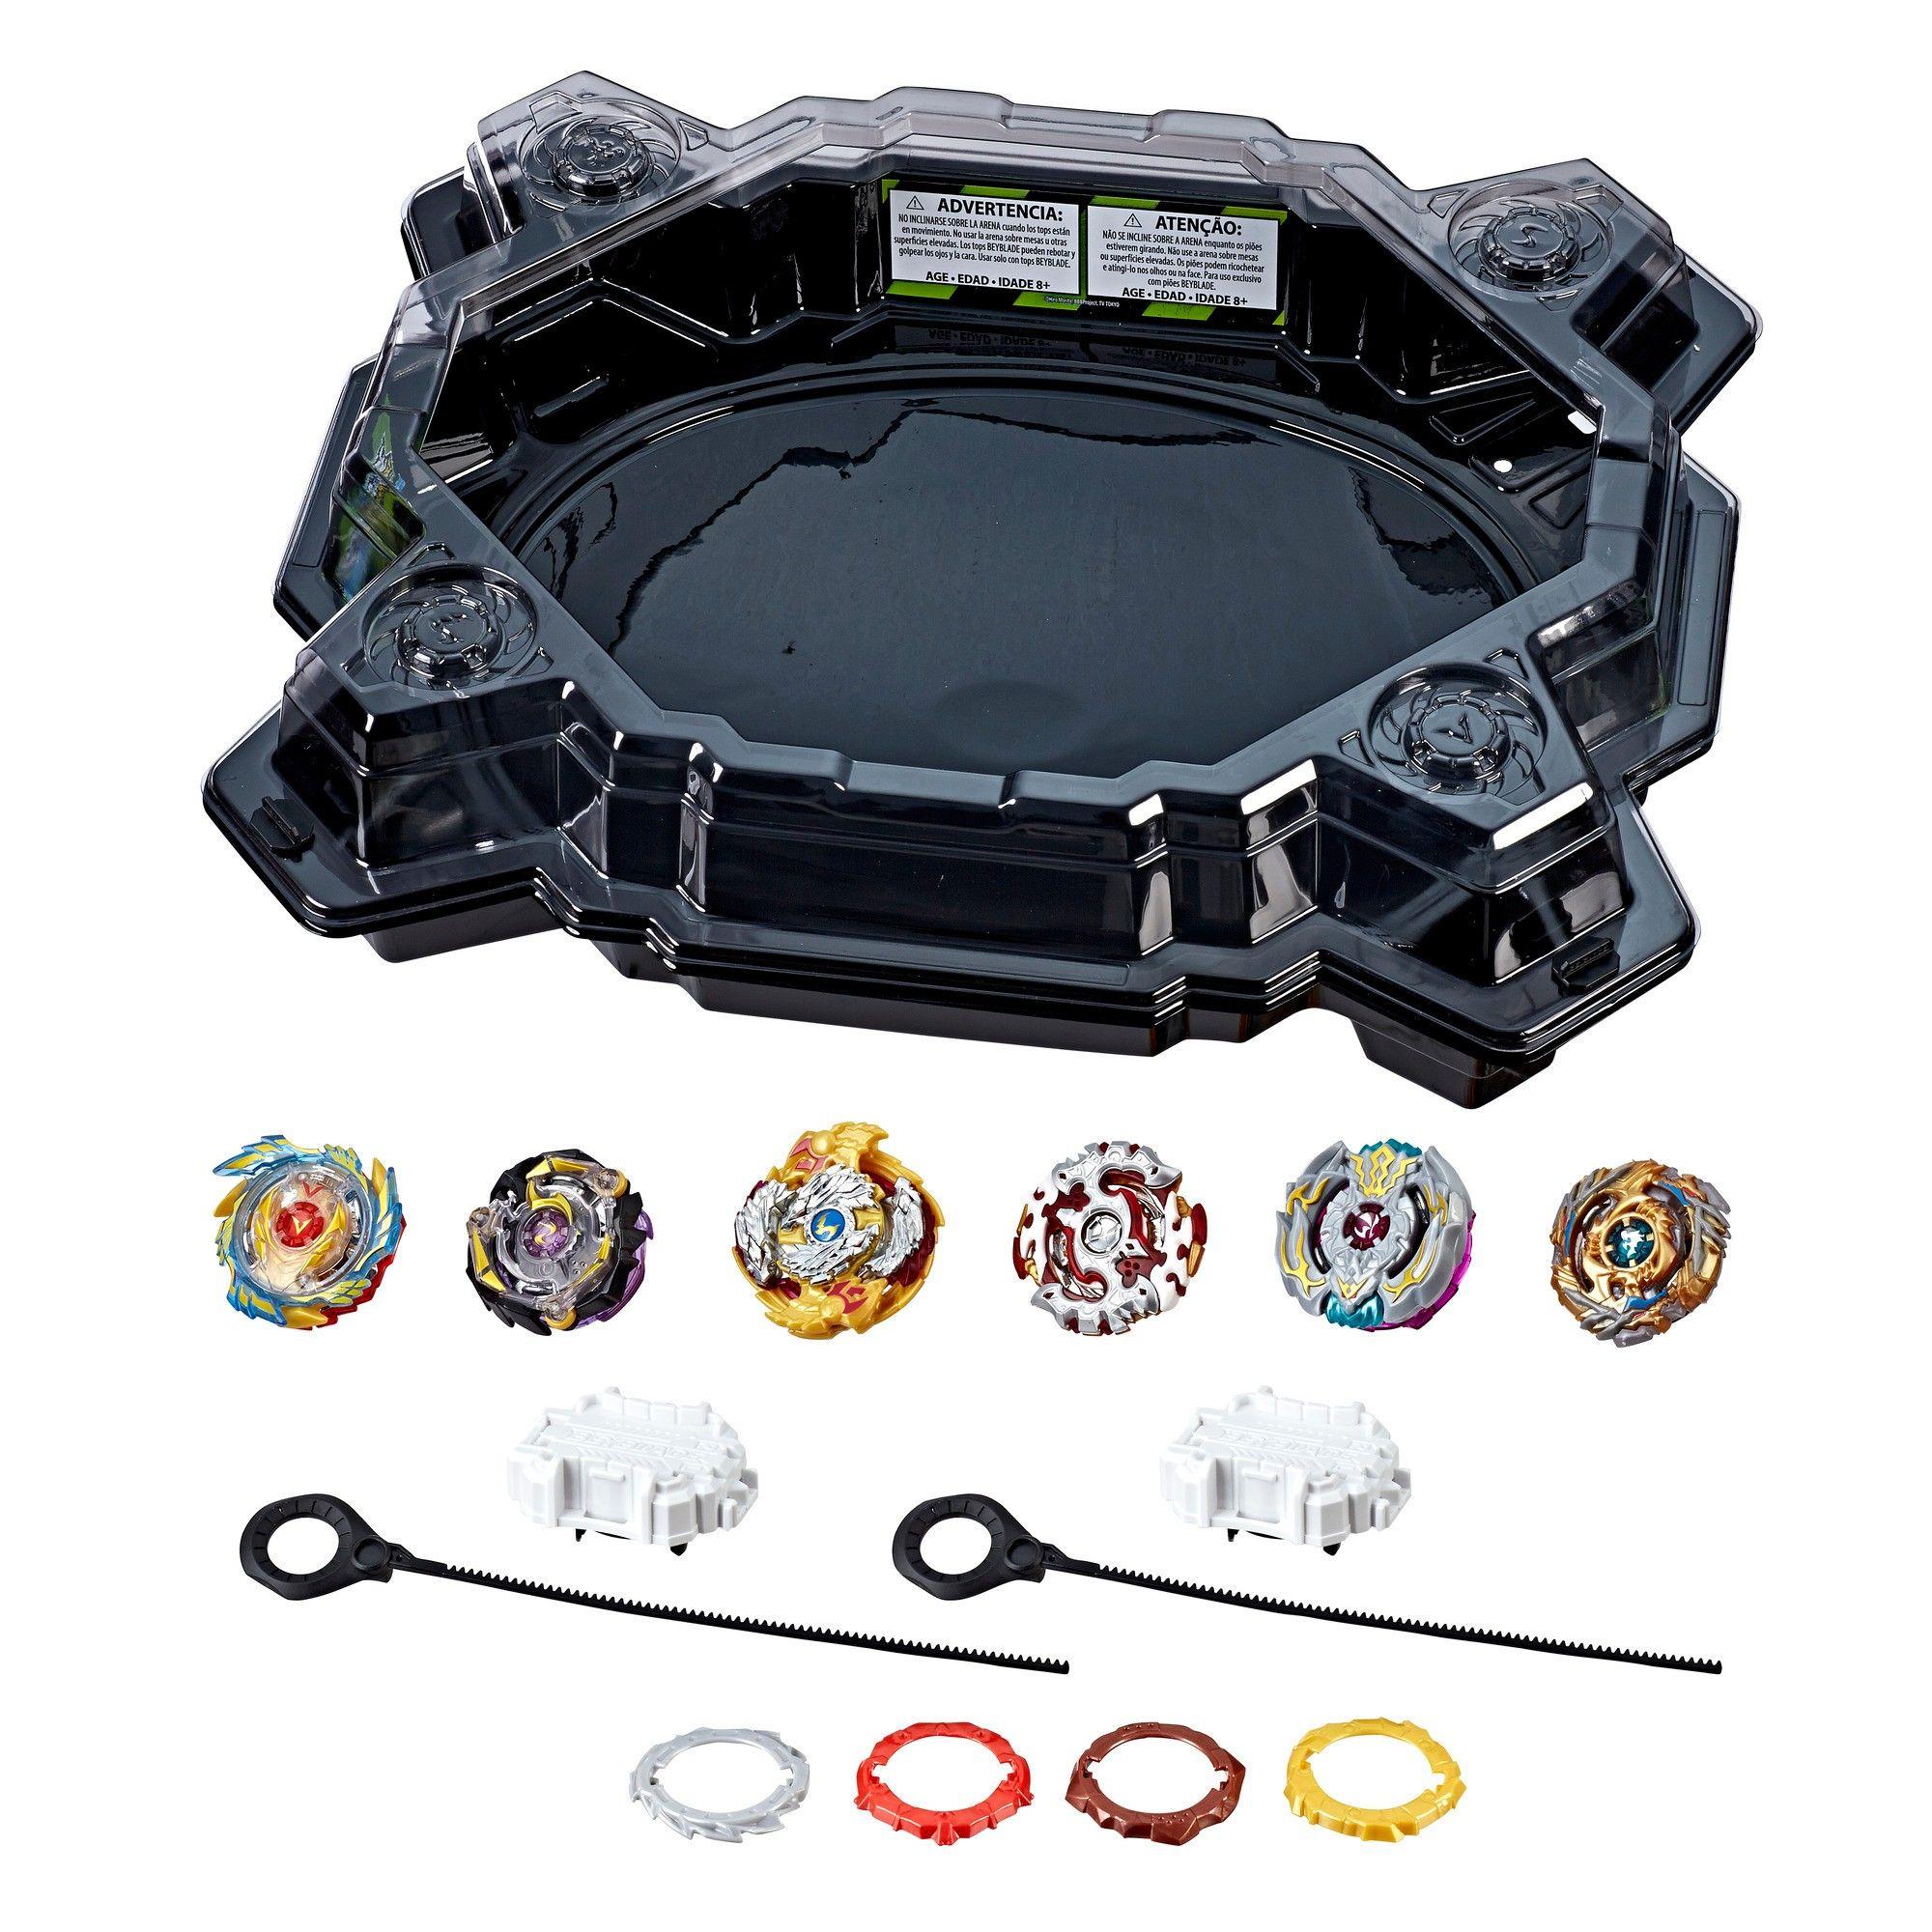 Hasbro Beyblade Burst Evolution Switch Strike Roktavor R3 Aka Blaze Ragnaruk Usa Ebay Beyblade Burst Hasbro Beyblade Toys